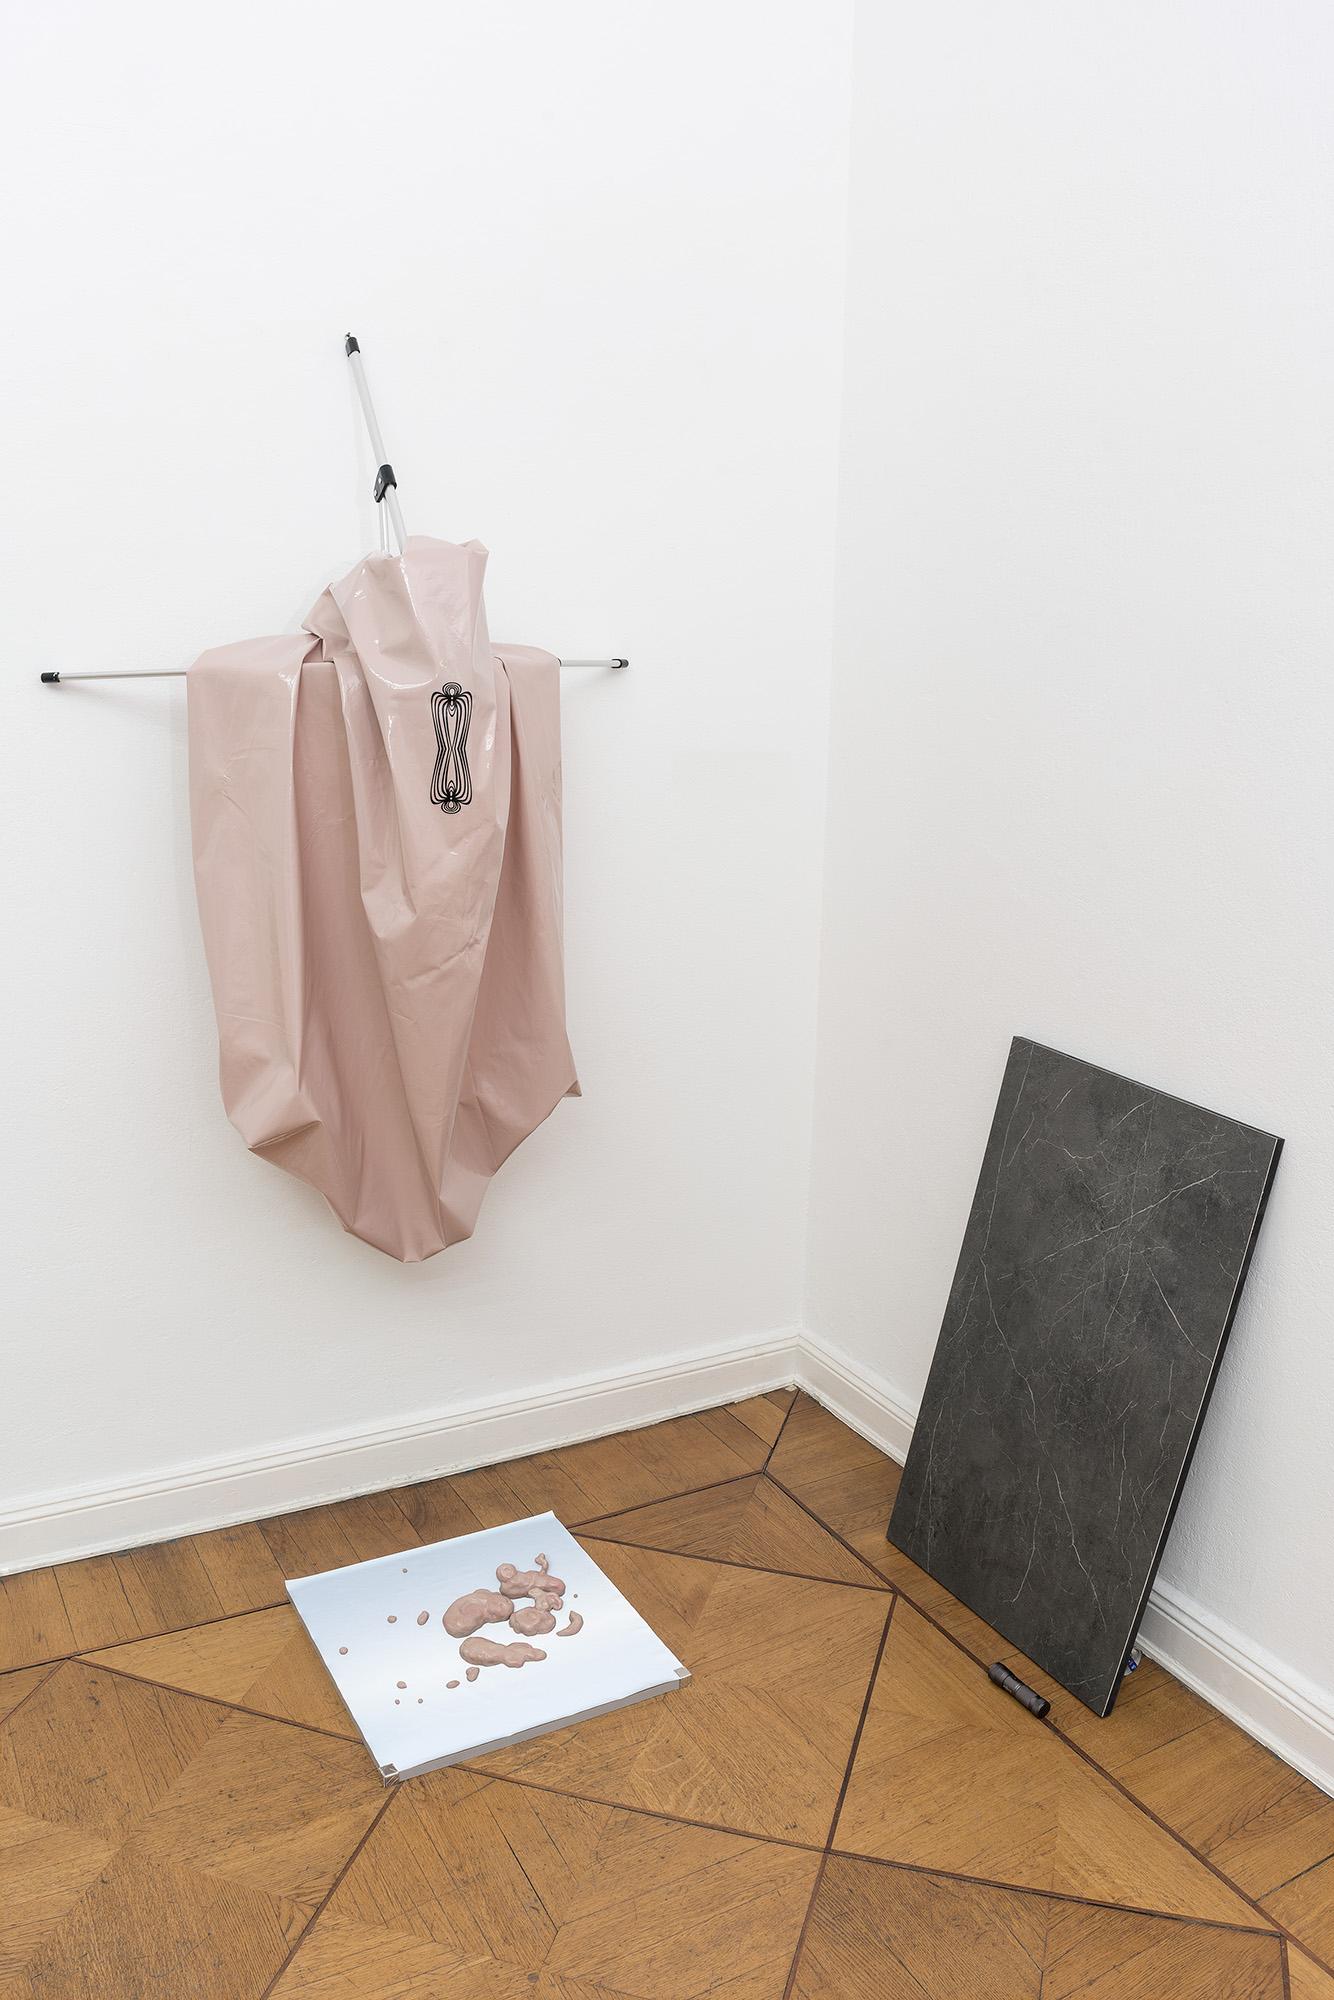 Exhibition view ADLER EHRENSTEIN LEY, Galerie Anton Janizewski, Photo: Sascha Herrmann